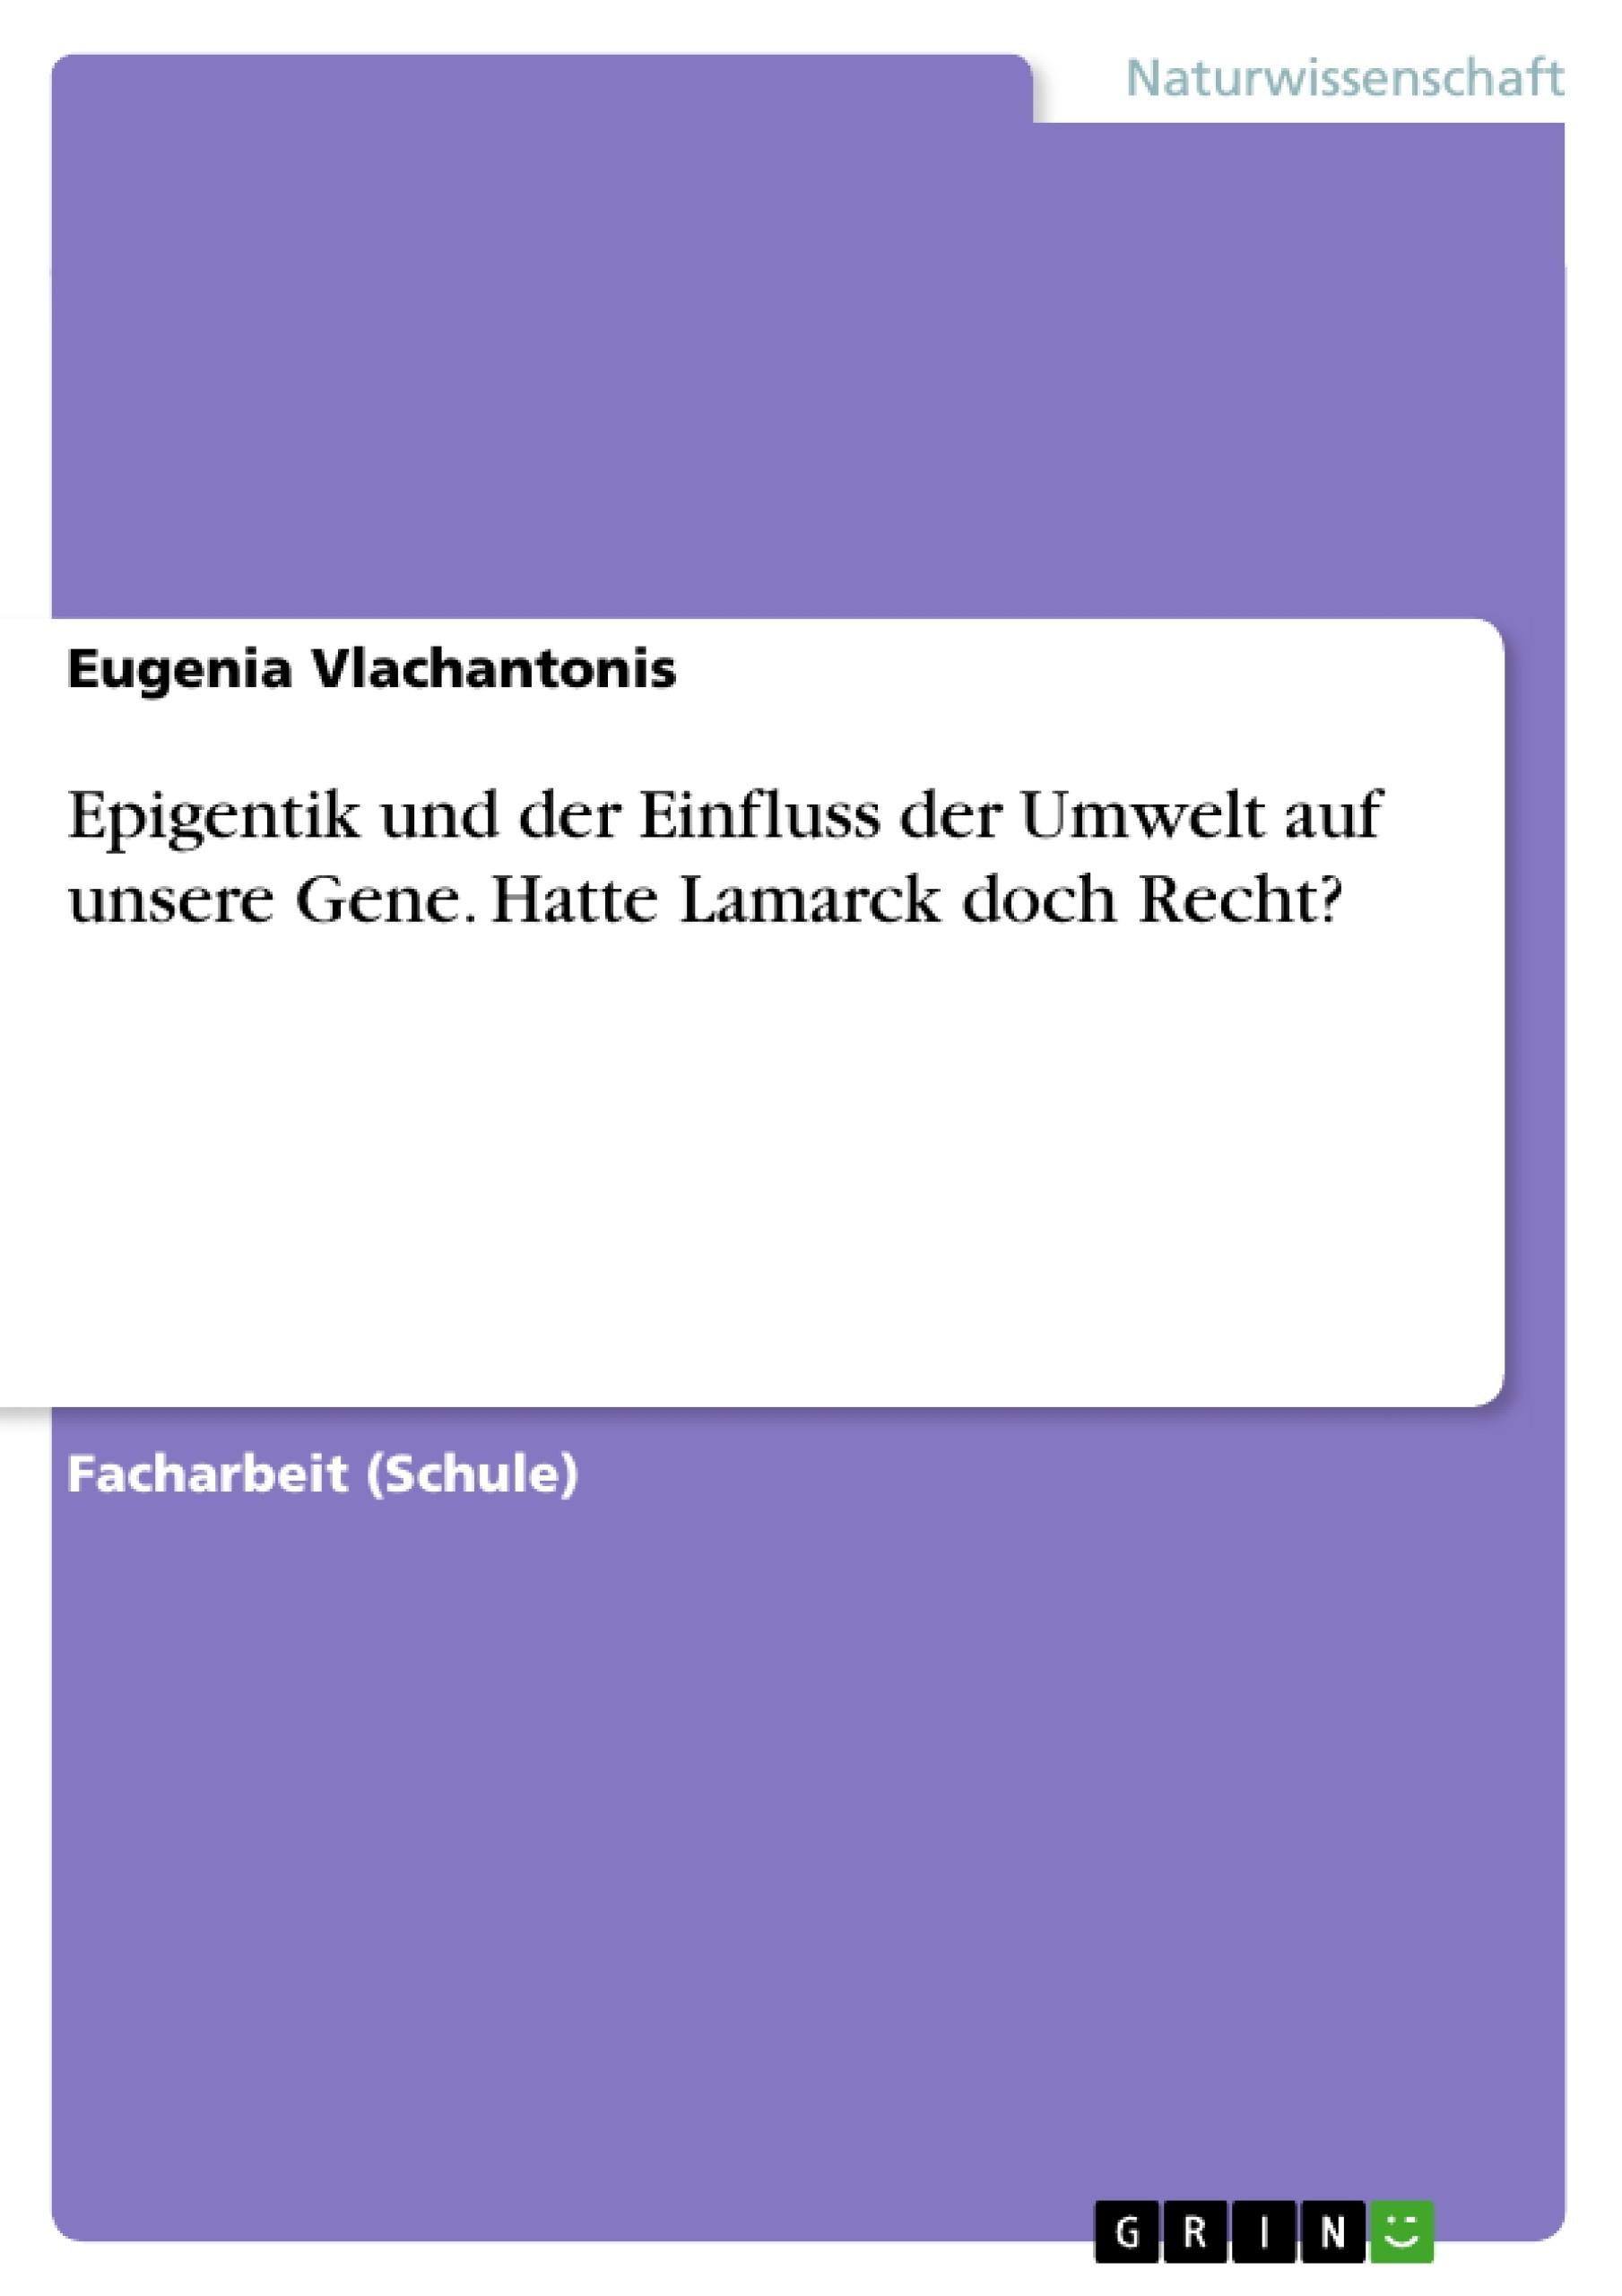 Titel: Epigentik und der Einfluss der Umwelt auf unsere Gene. Hatte Lamarck doch Recht?